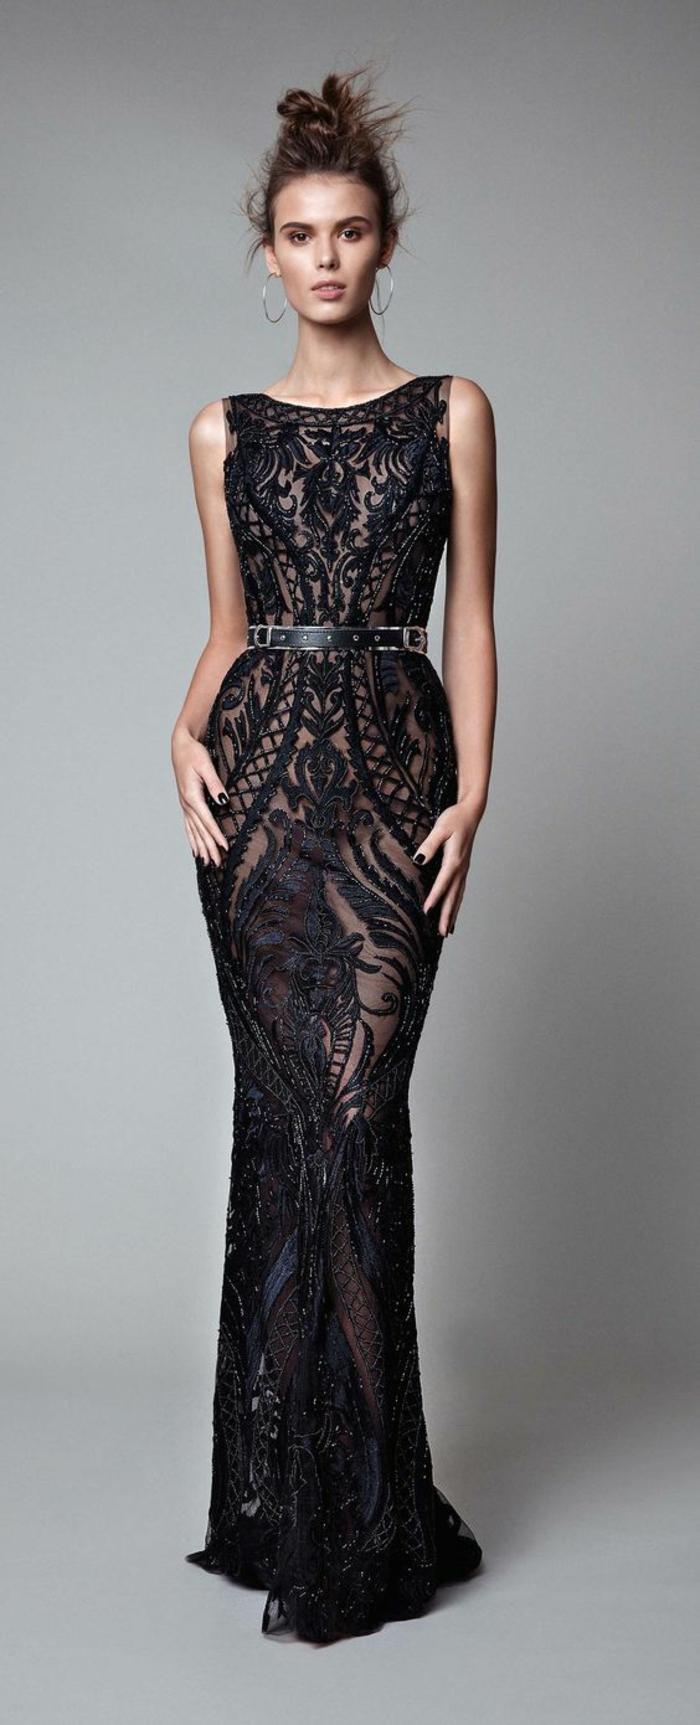 1001 id es pour une robe noire dentelle les accessoires combiner avec. Black Bedroom Furniture Sets. Home Design Ideas